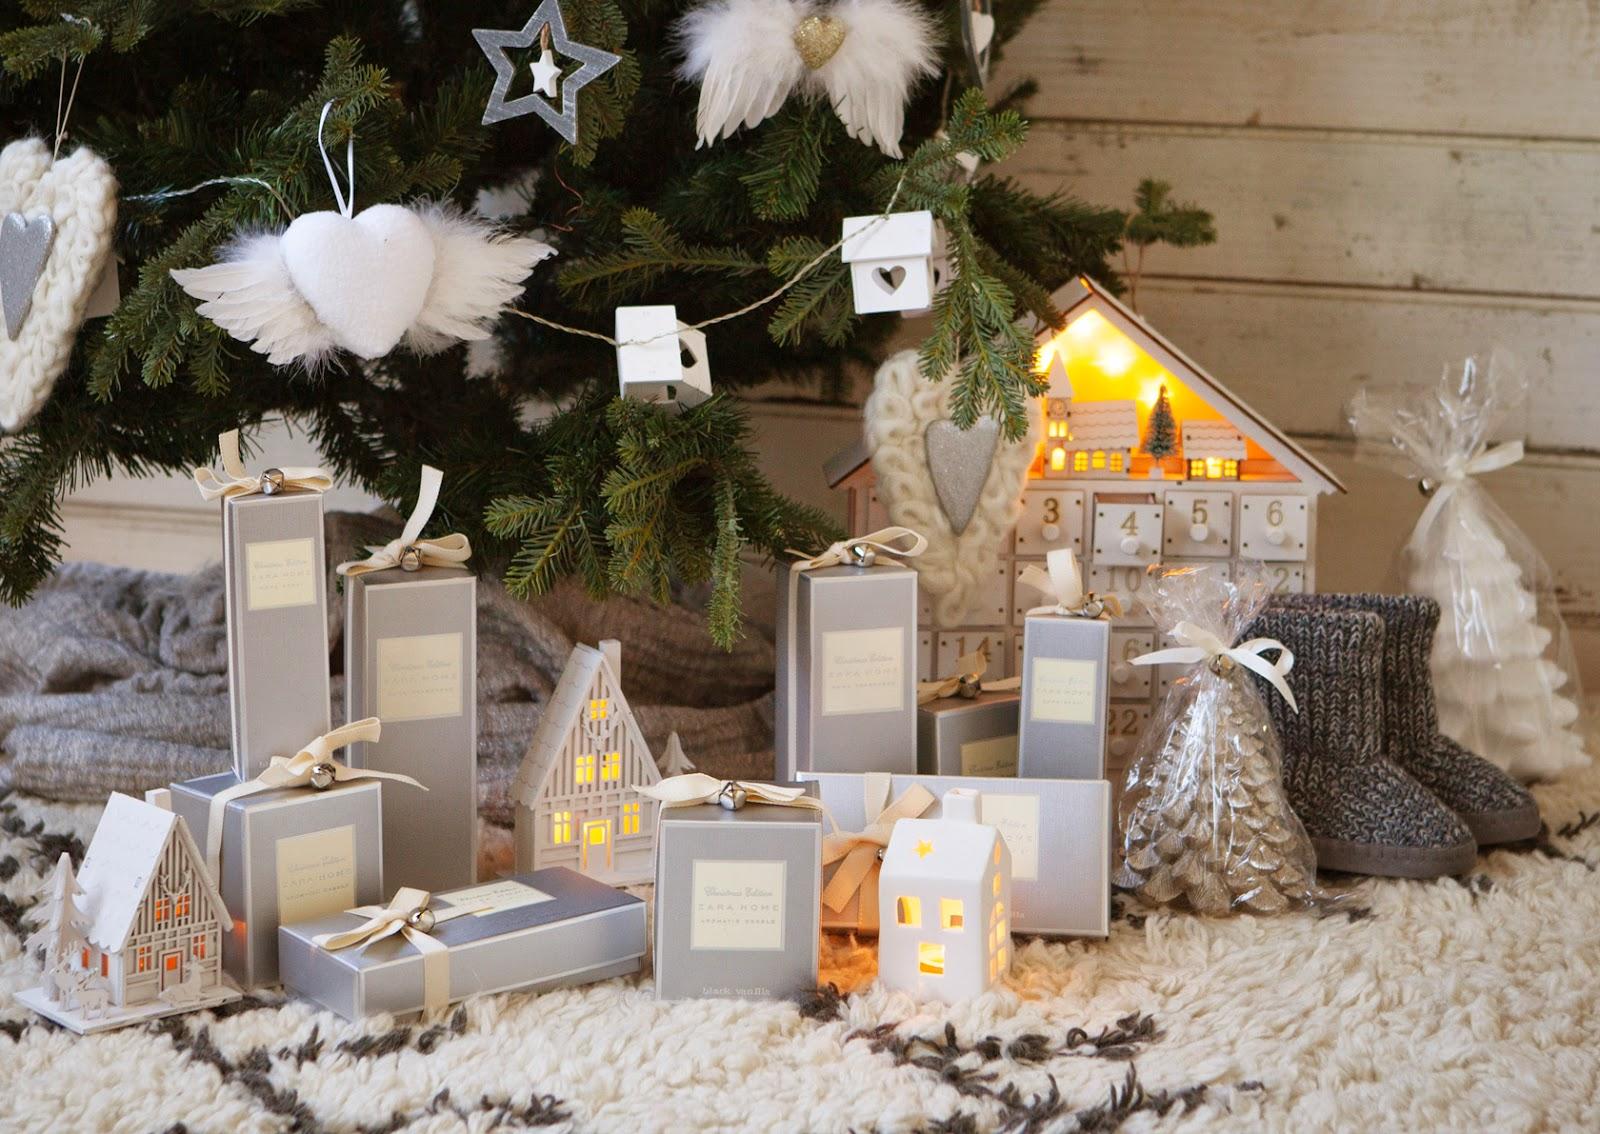 Decoraci n f cil decoracion de navidad 2014 2015 con - Decoracion arbol navidad 2014 ...